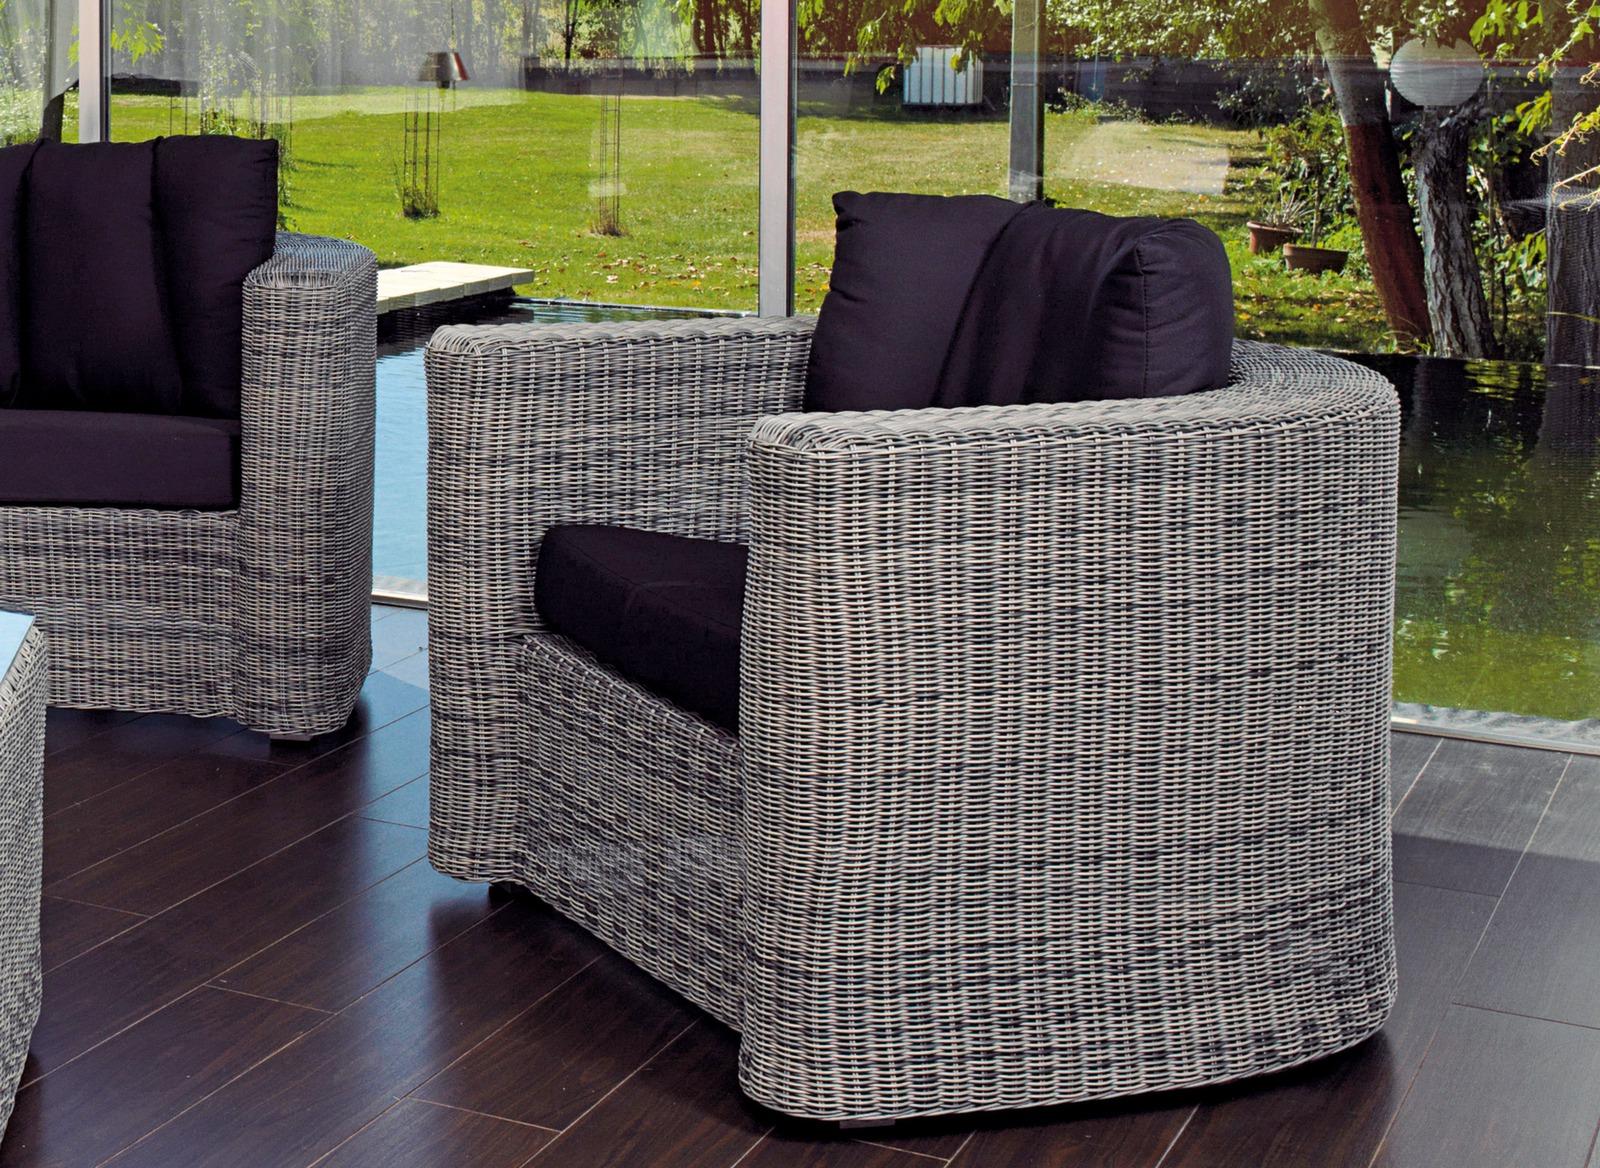 fauteuil d tente av ro fauteuils de jardin mobilier pour salon de jardin repas proloisirs. Black Bedroom Furniture Sets. Home Design Ideas